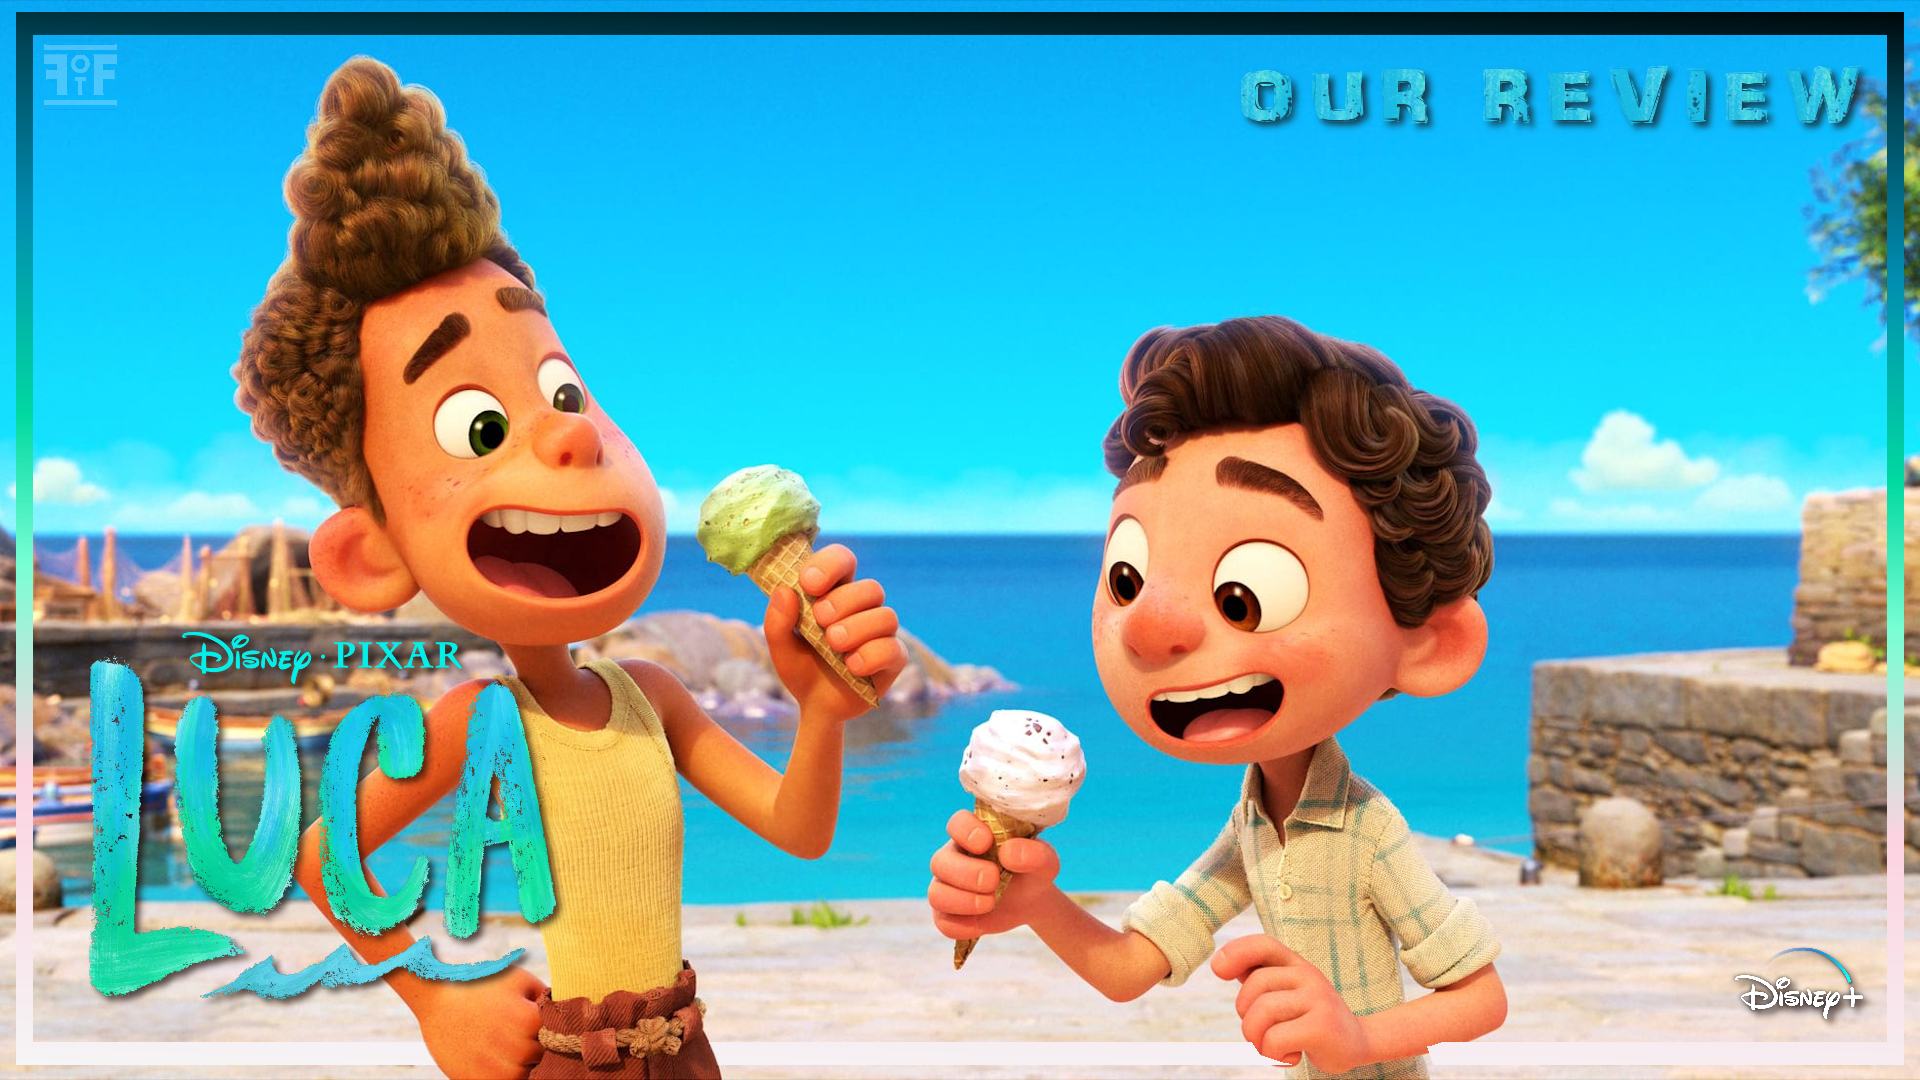 Disney's Pixar LUCA